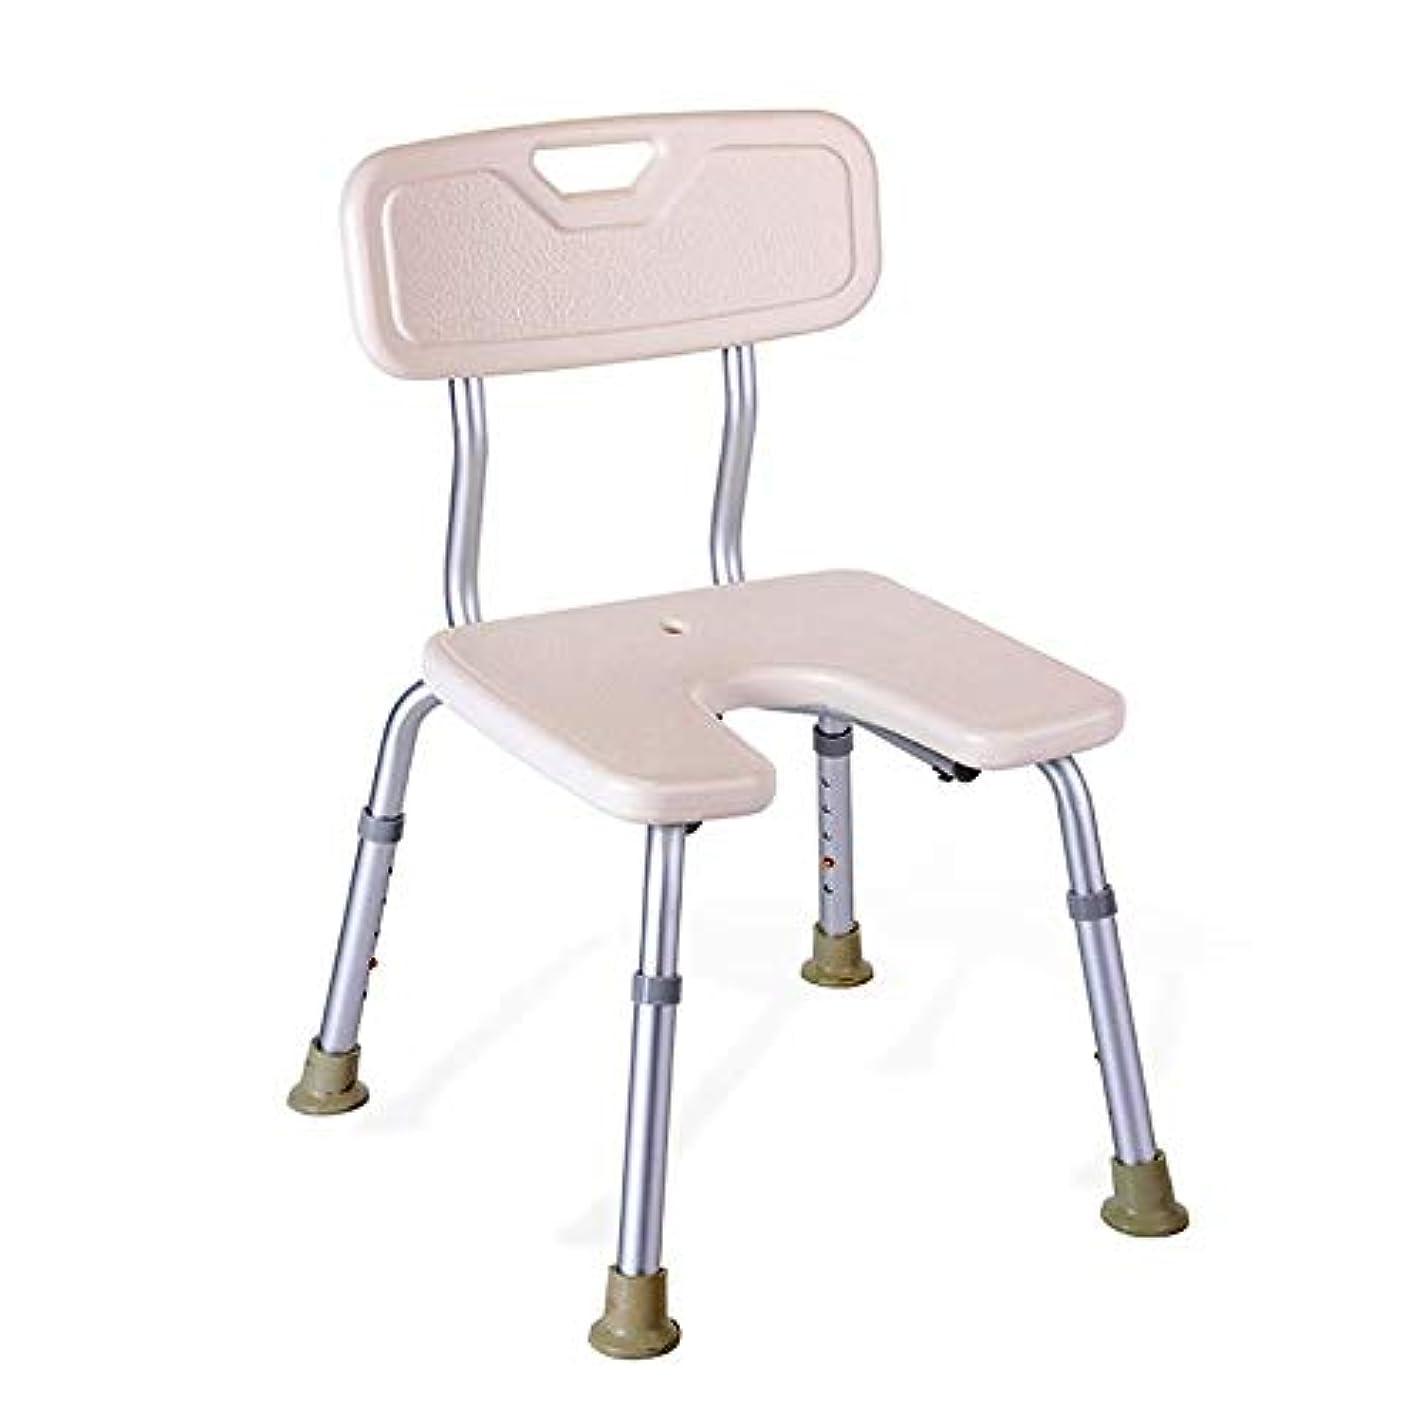 投資するゾーン愛するパッド入り背部付き肥満症用スツール、調節可能なシャワーシート、高齢者用シート付きバスチェアー、身体障害者用安定装置、バスルームアクセサー